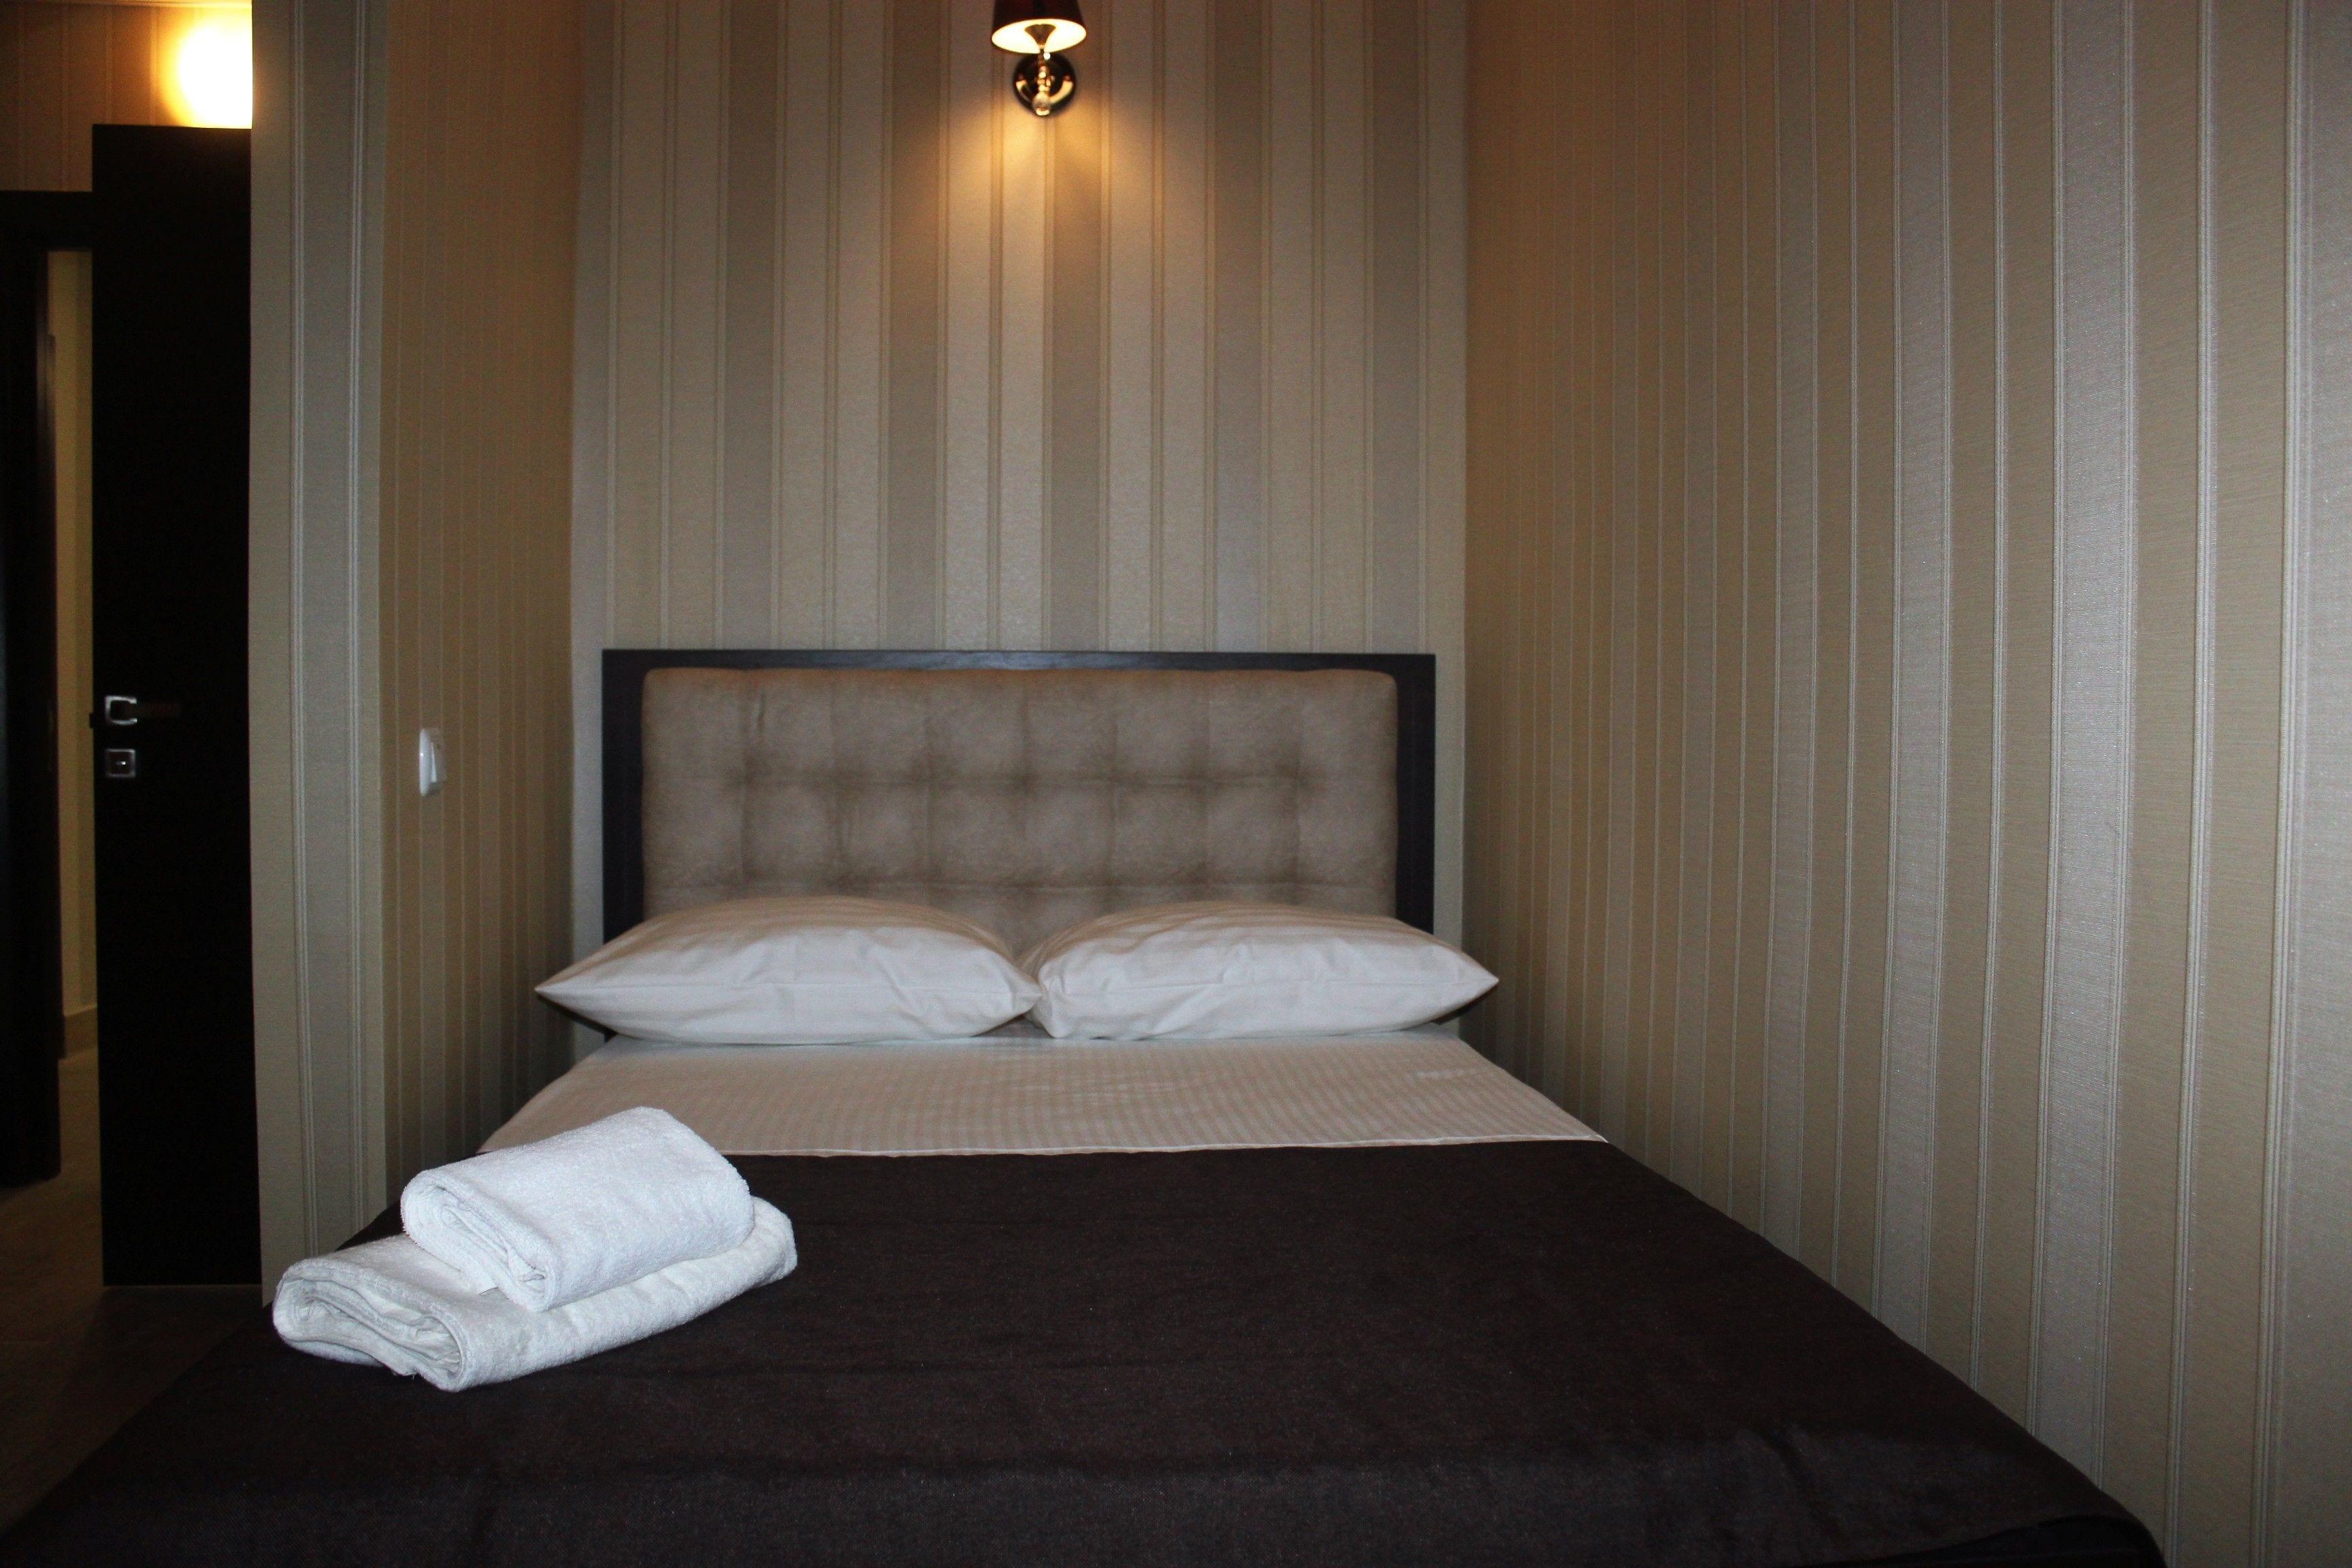 Hotel Verhovina - Hotel complex on Okrujnaya